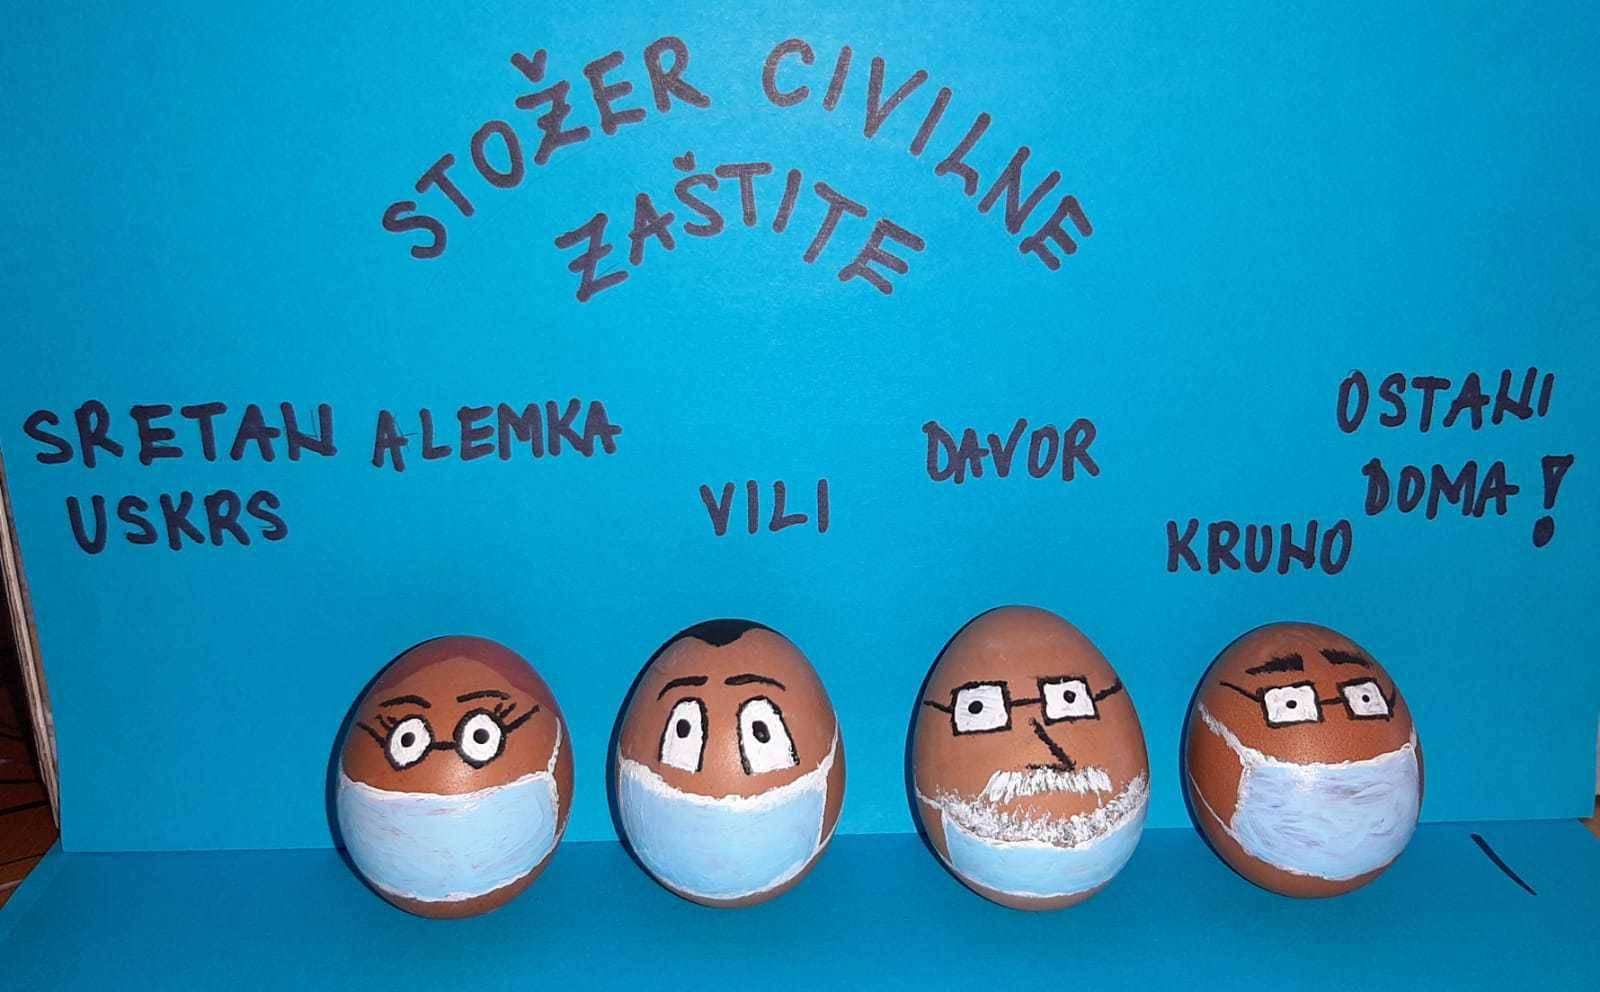 Oslikali uskršnje pisanice u liku Vilija, Alemke, Davora i Krune